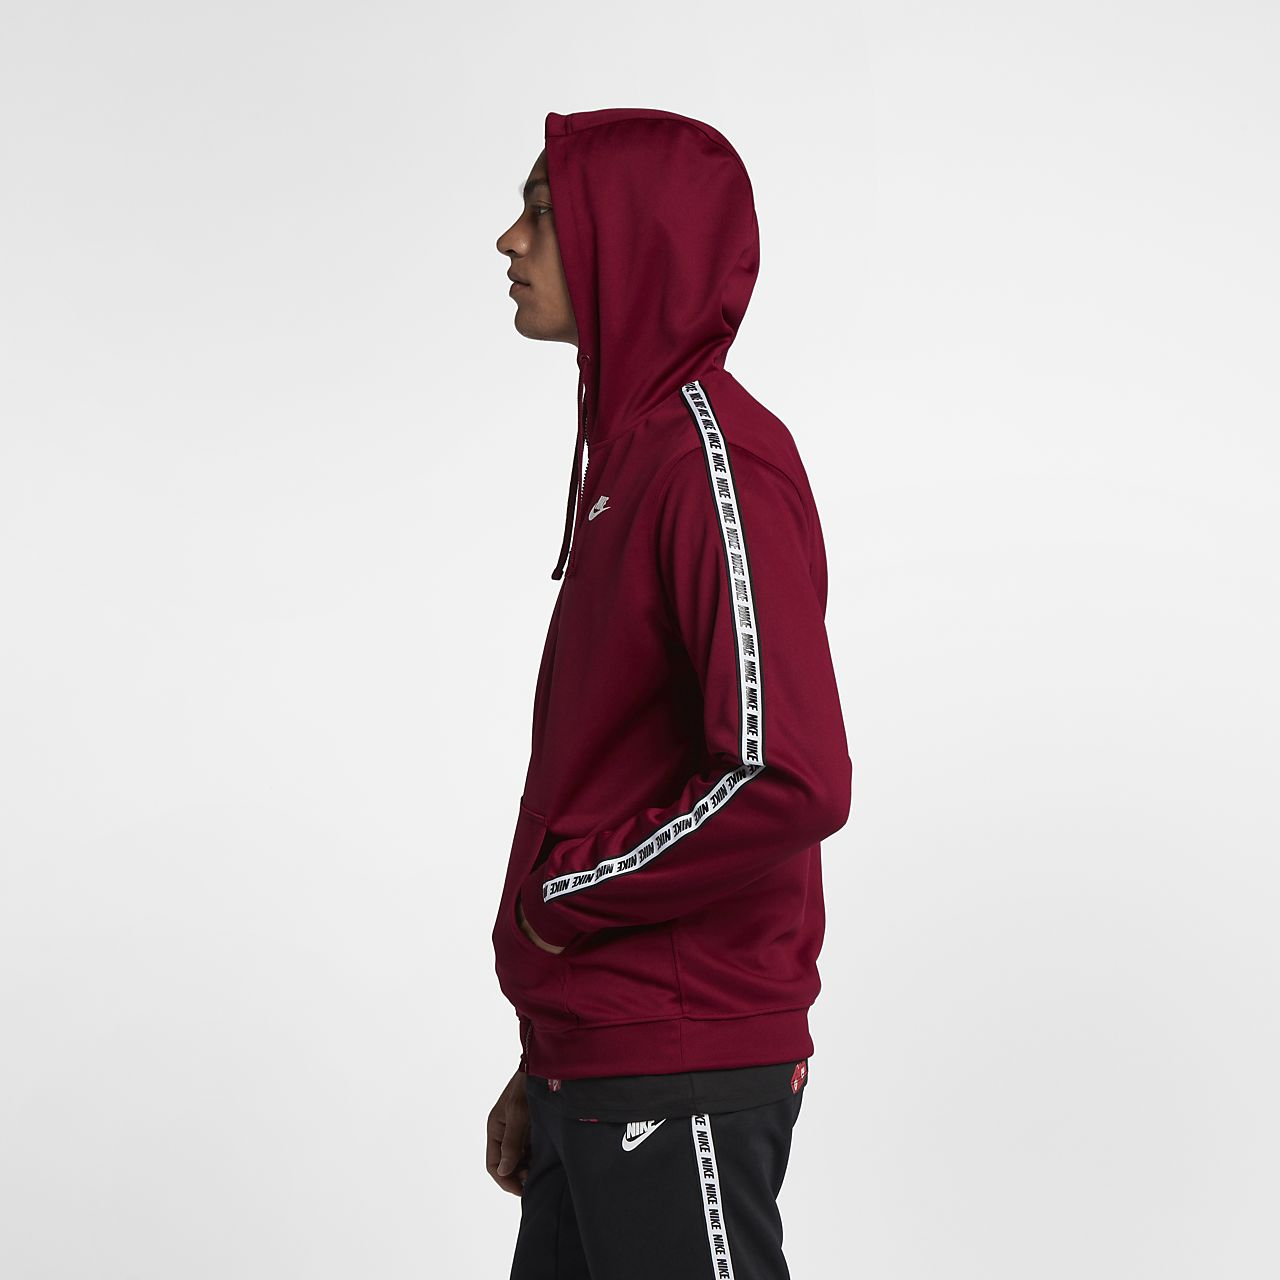 À Sweat Pour Entièrement Nike Sportswear Zippé Homme Capuche vwrBw6qdx4